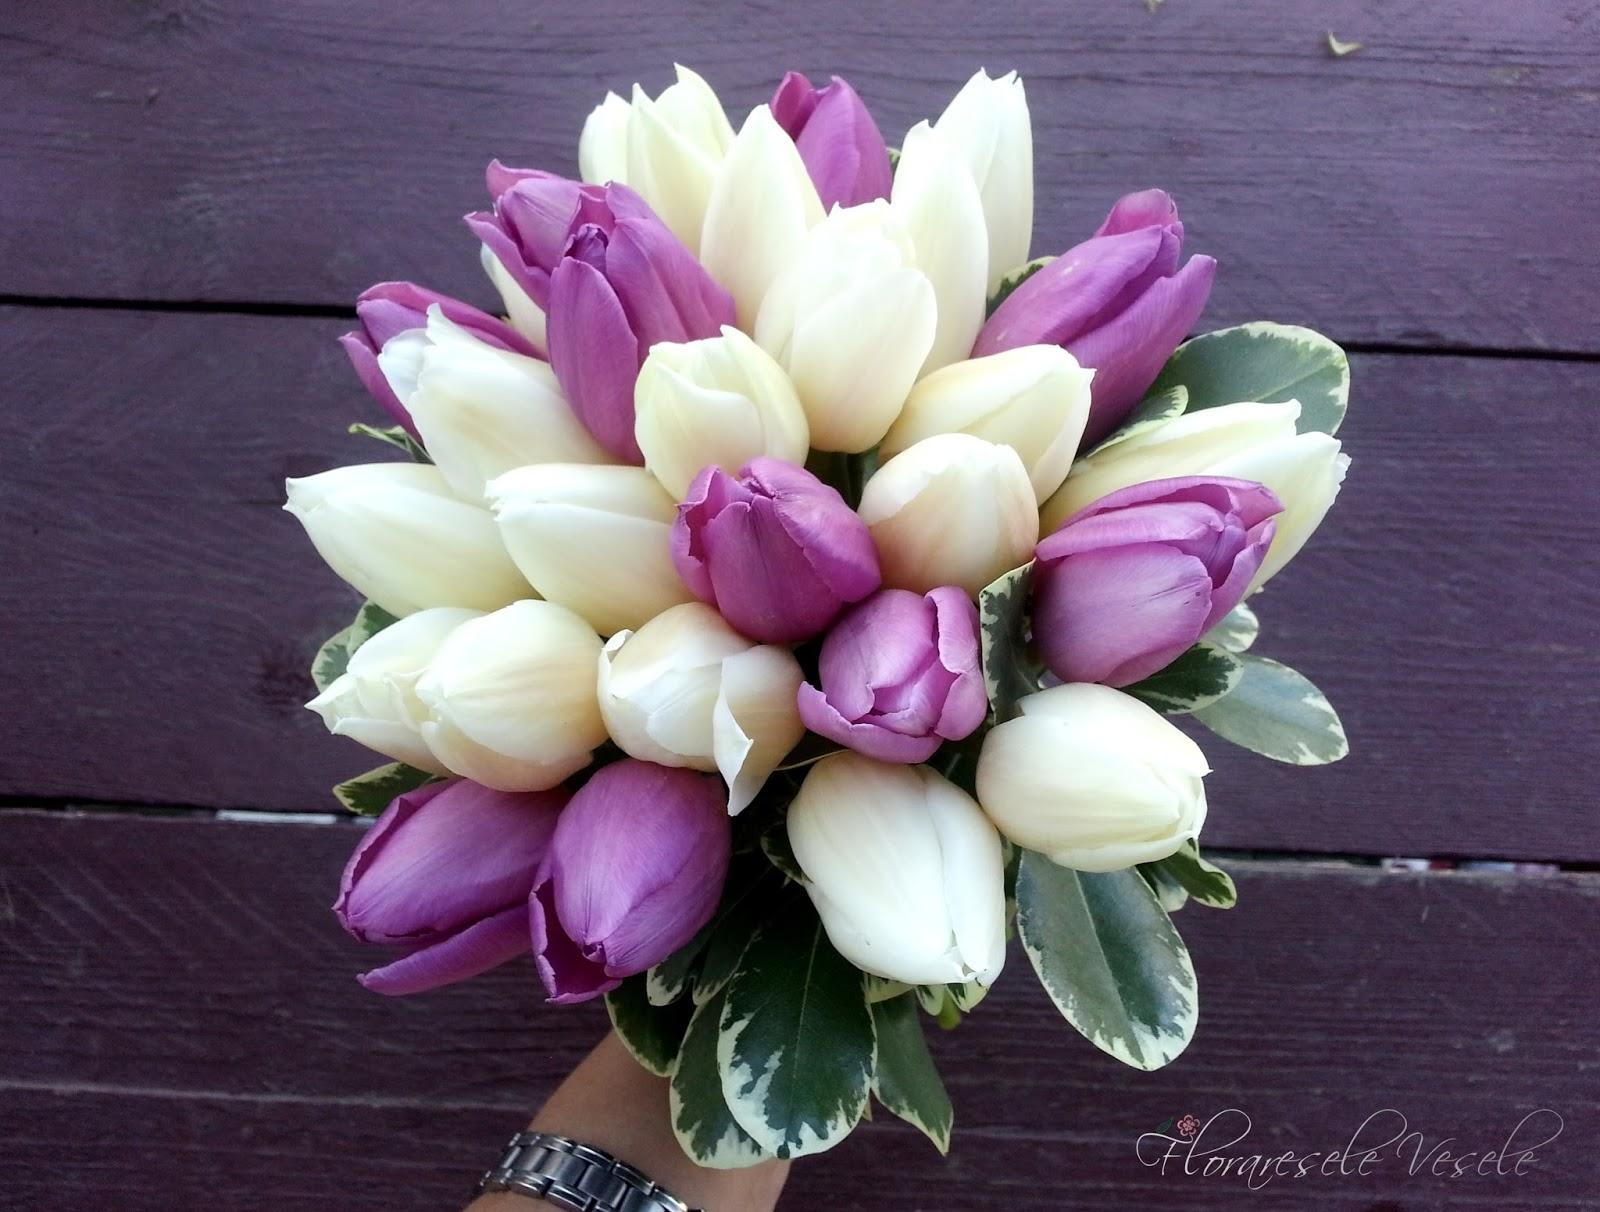 Floraresele Vesele Aranjamente Florale Din Lalele 12072014